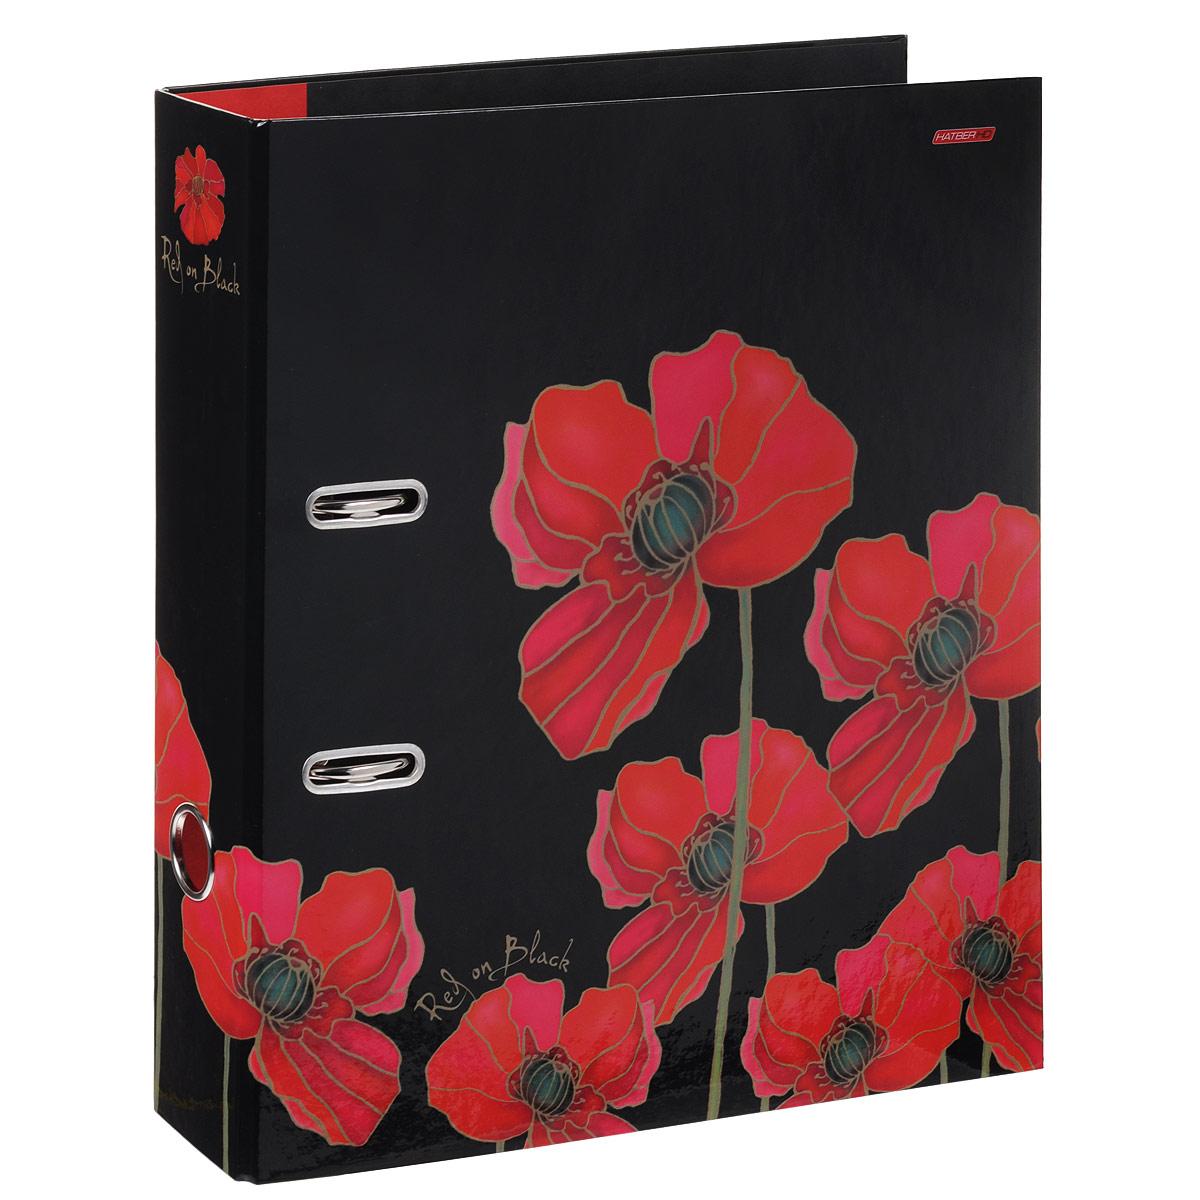 Папка-регистратор Hatber Red on Black, ширина корешка 70 мм, цвет: черный, красный папка регистратор hatber red on black ширина корешка 70 мм цвет черный красный